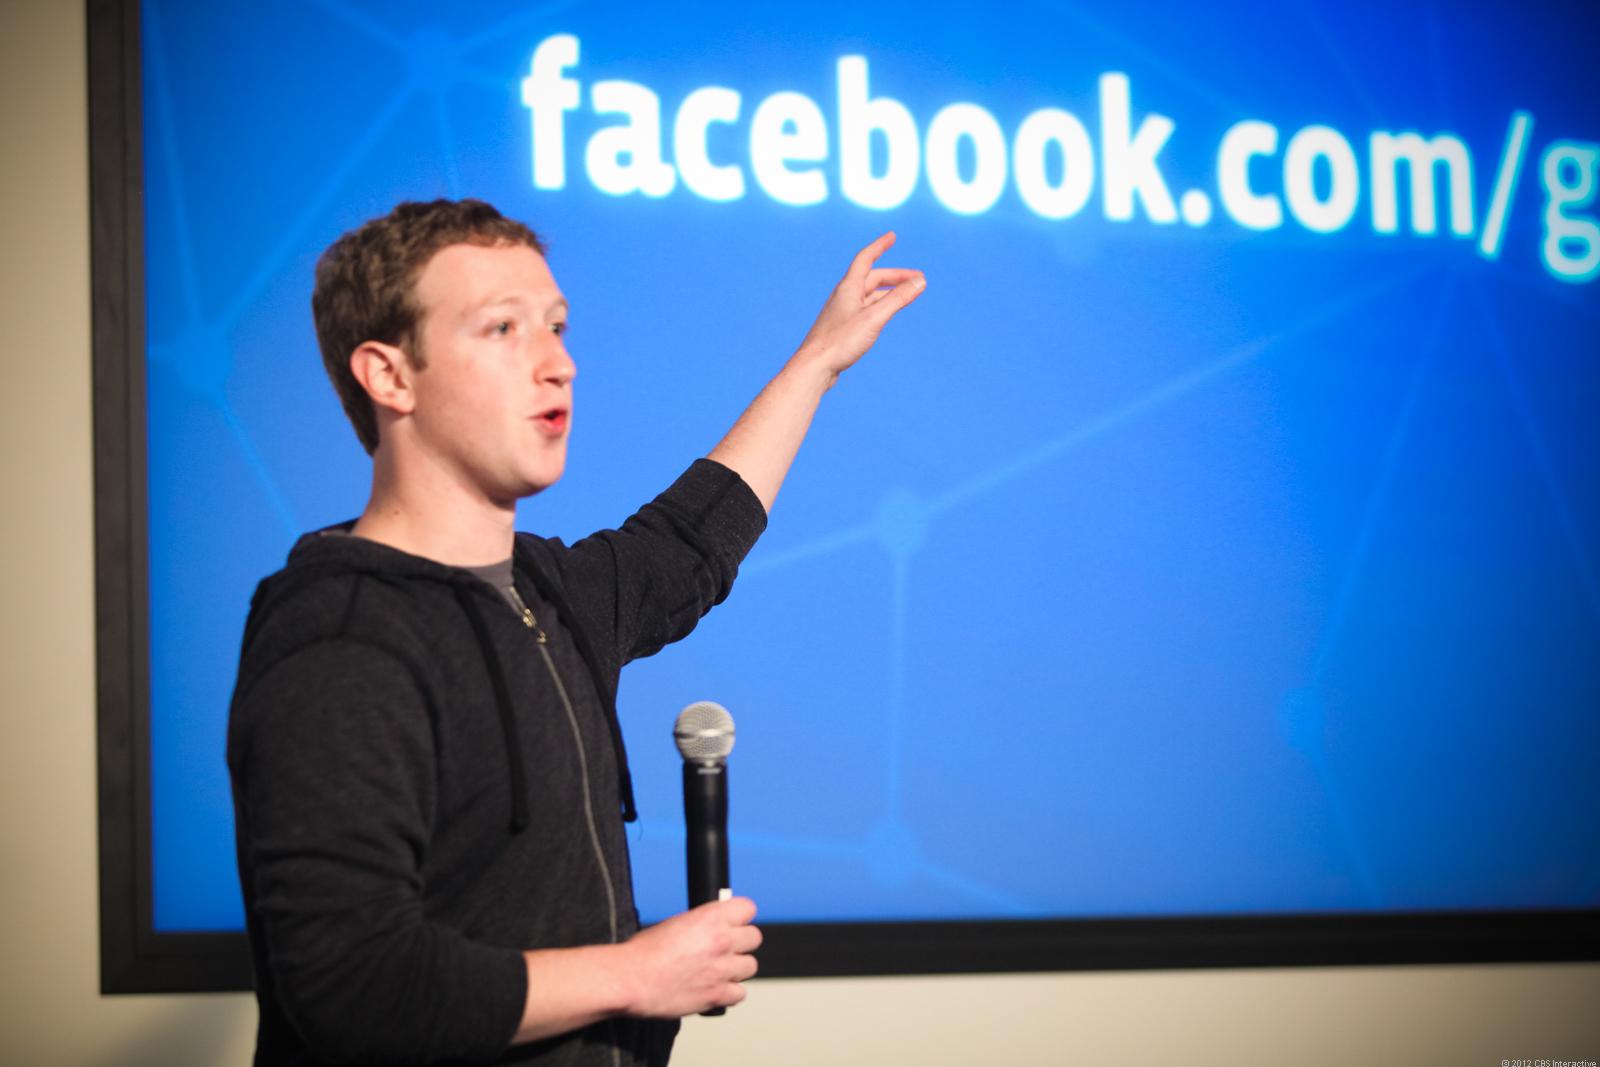 Facebook, Mark Zuckerberg, social media